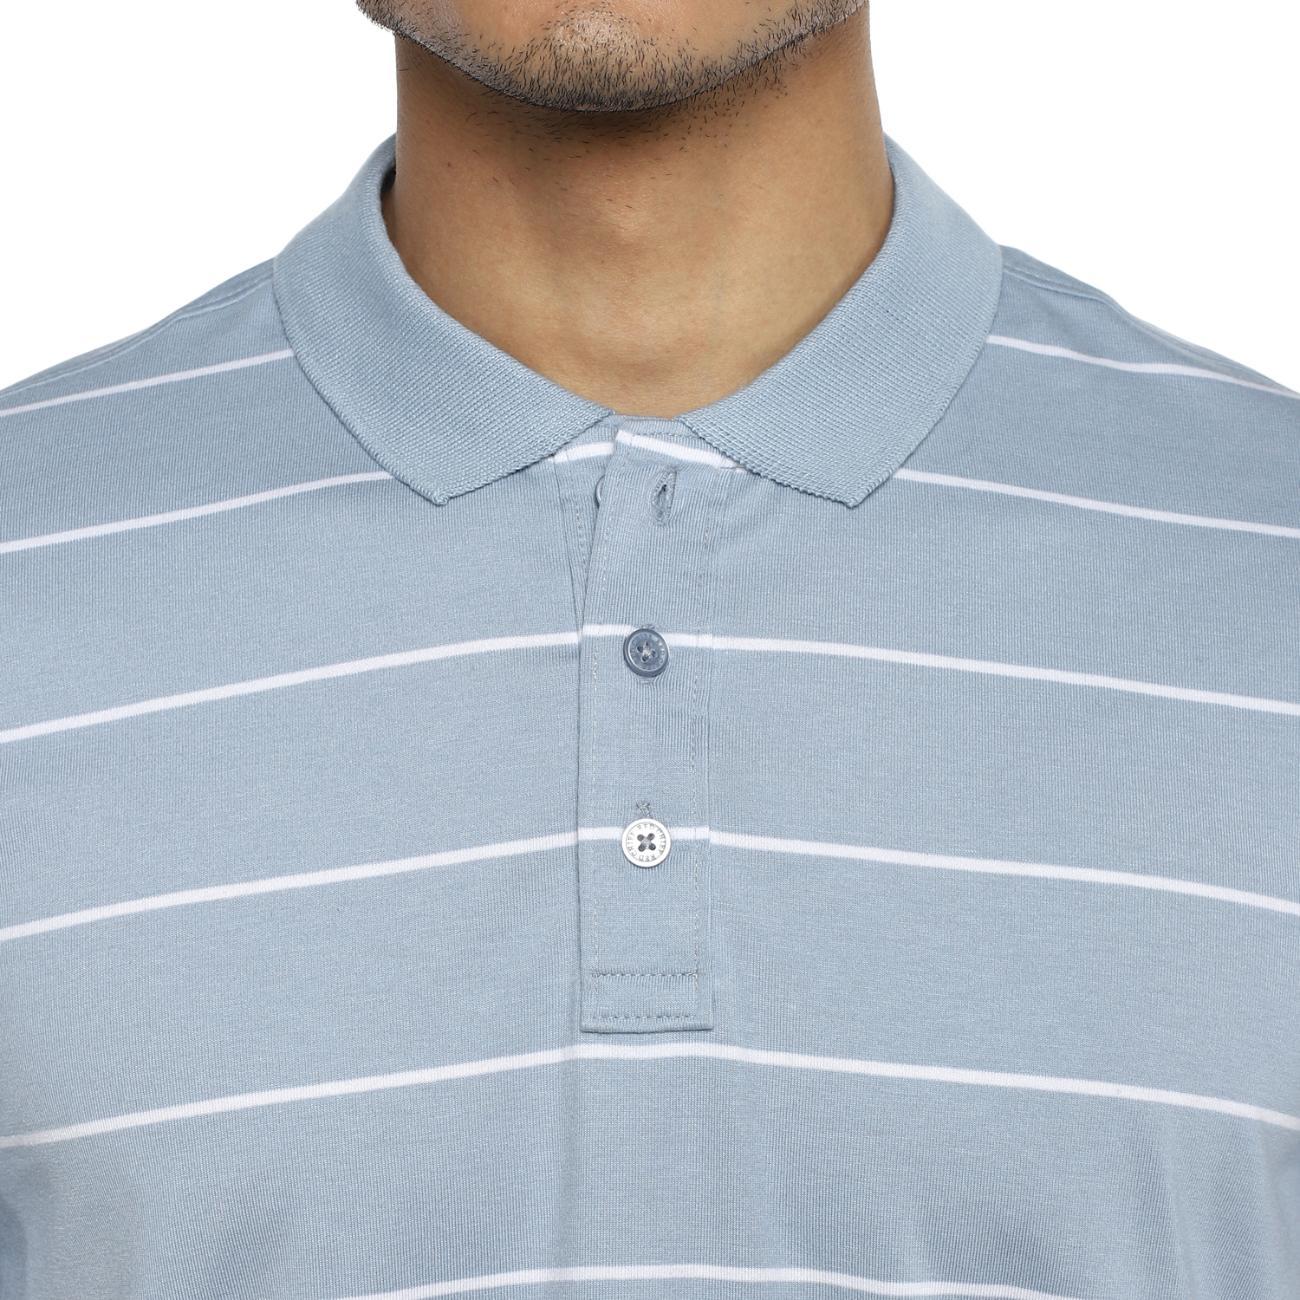 Half Sleeves TShirts For Men